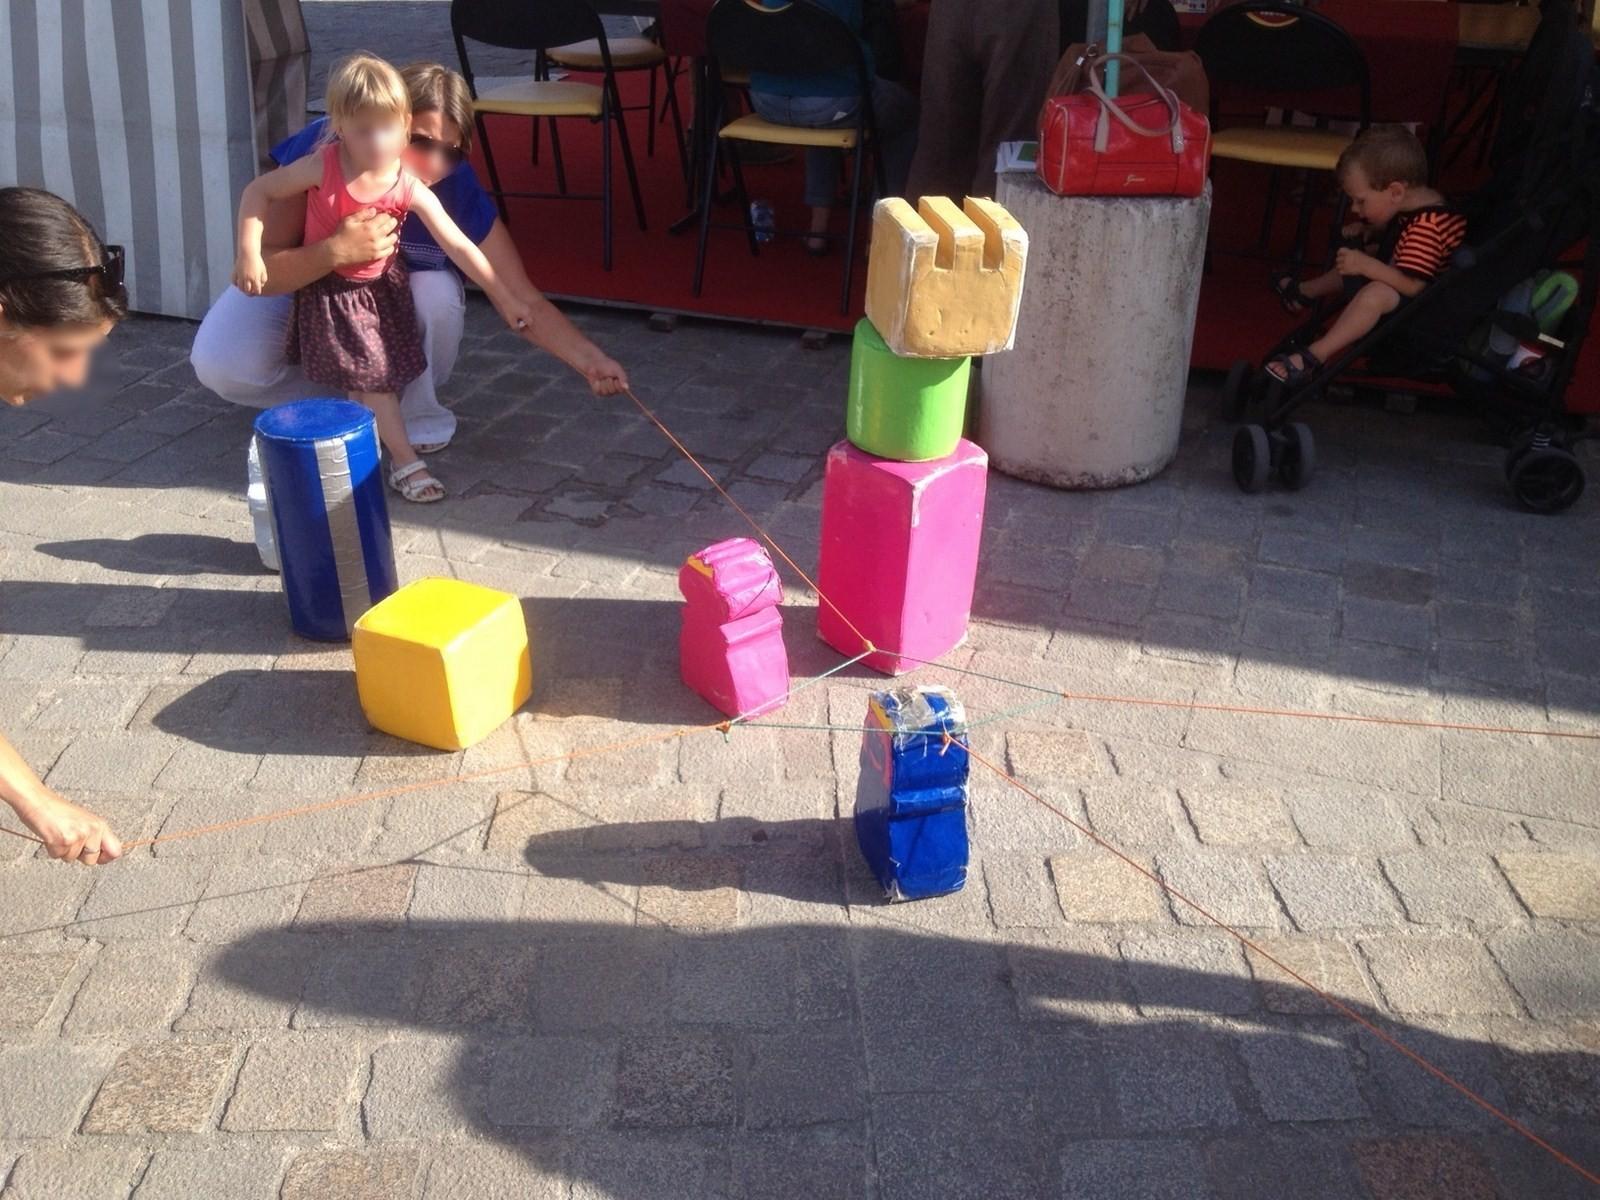 Un super jeu coopératif où tous les joueurs doivent tirer/lâcher un élastique pour attraper un objet ensemble